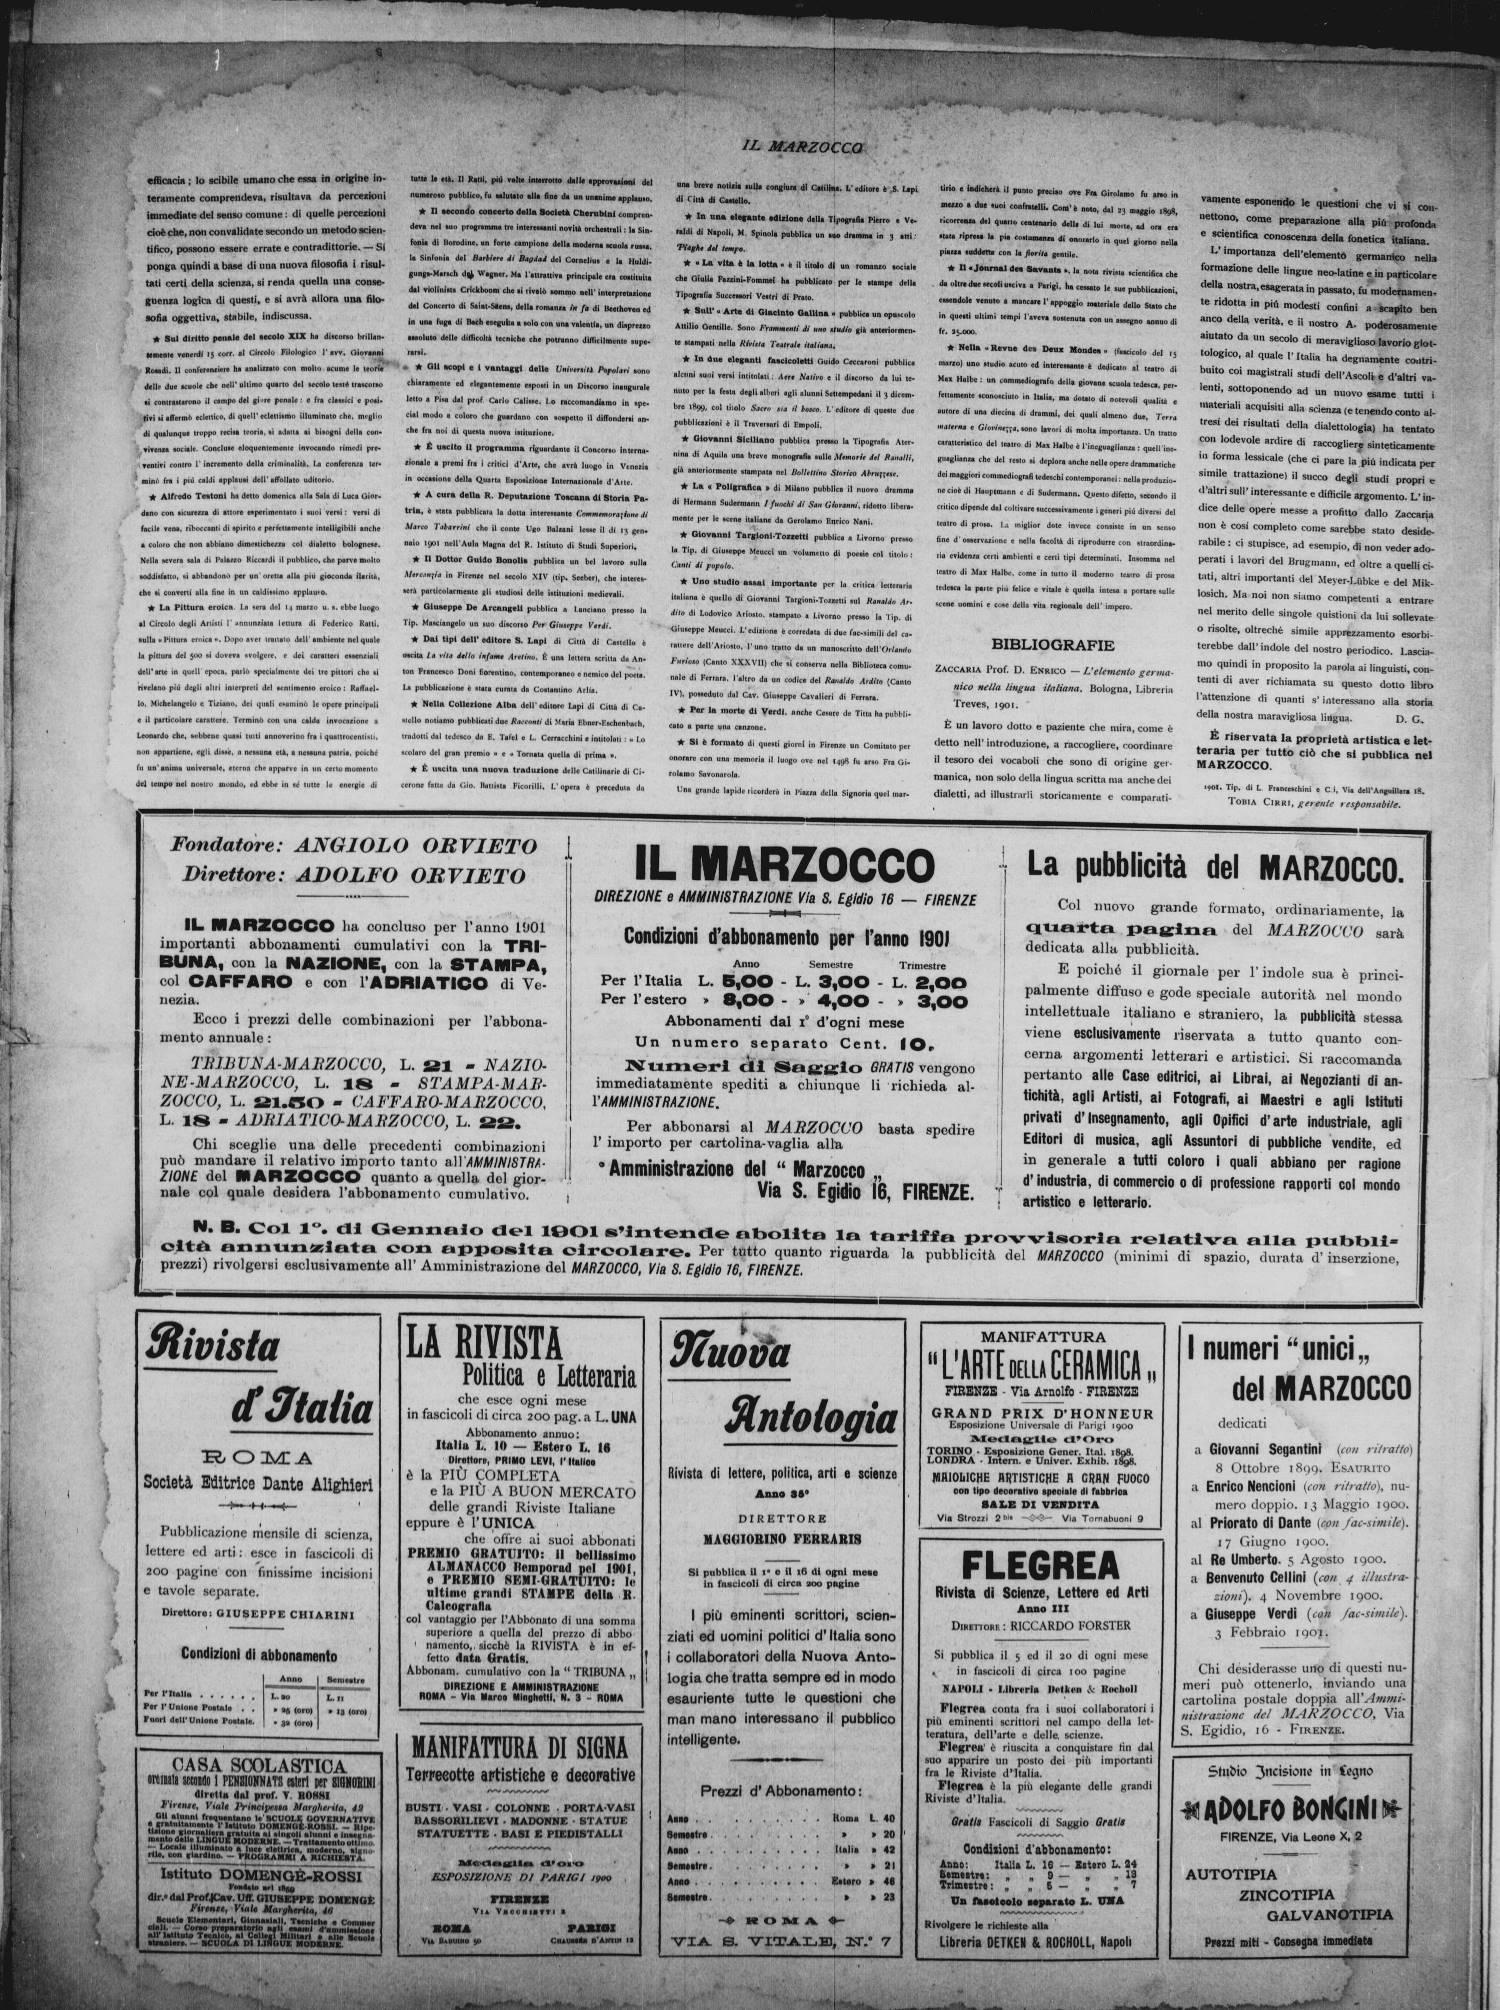 Marzo 1901 - marzo1901 12 28429 - Il Libro dei Soci del